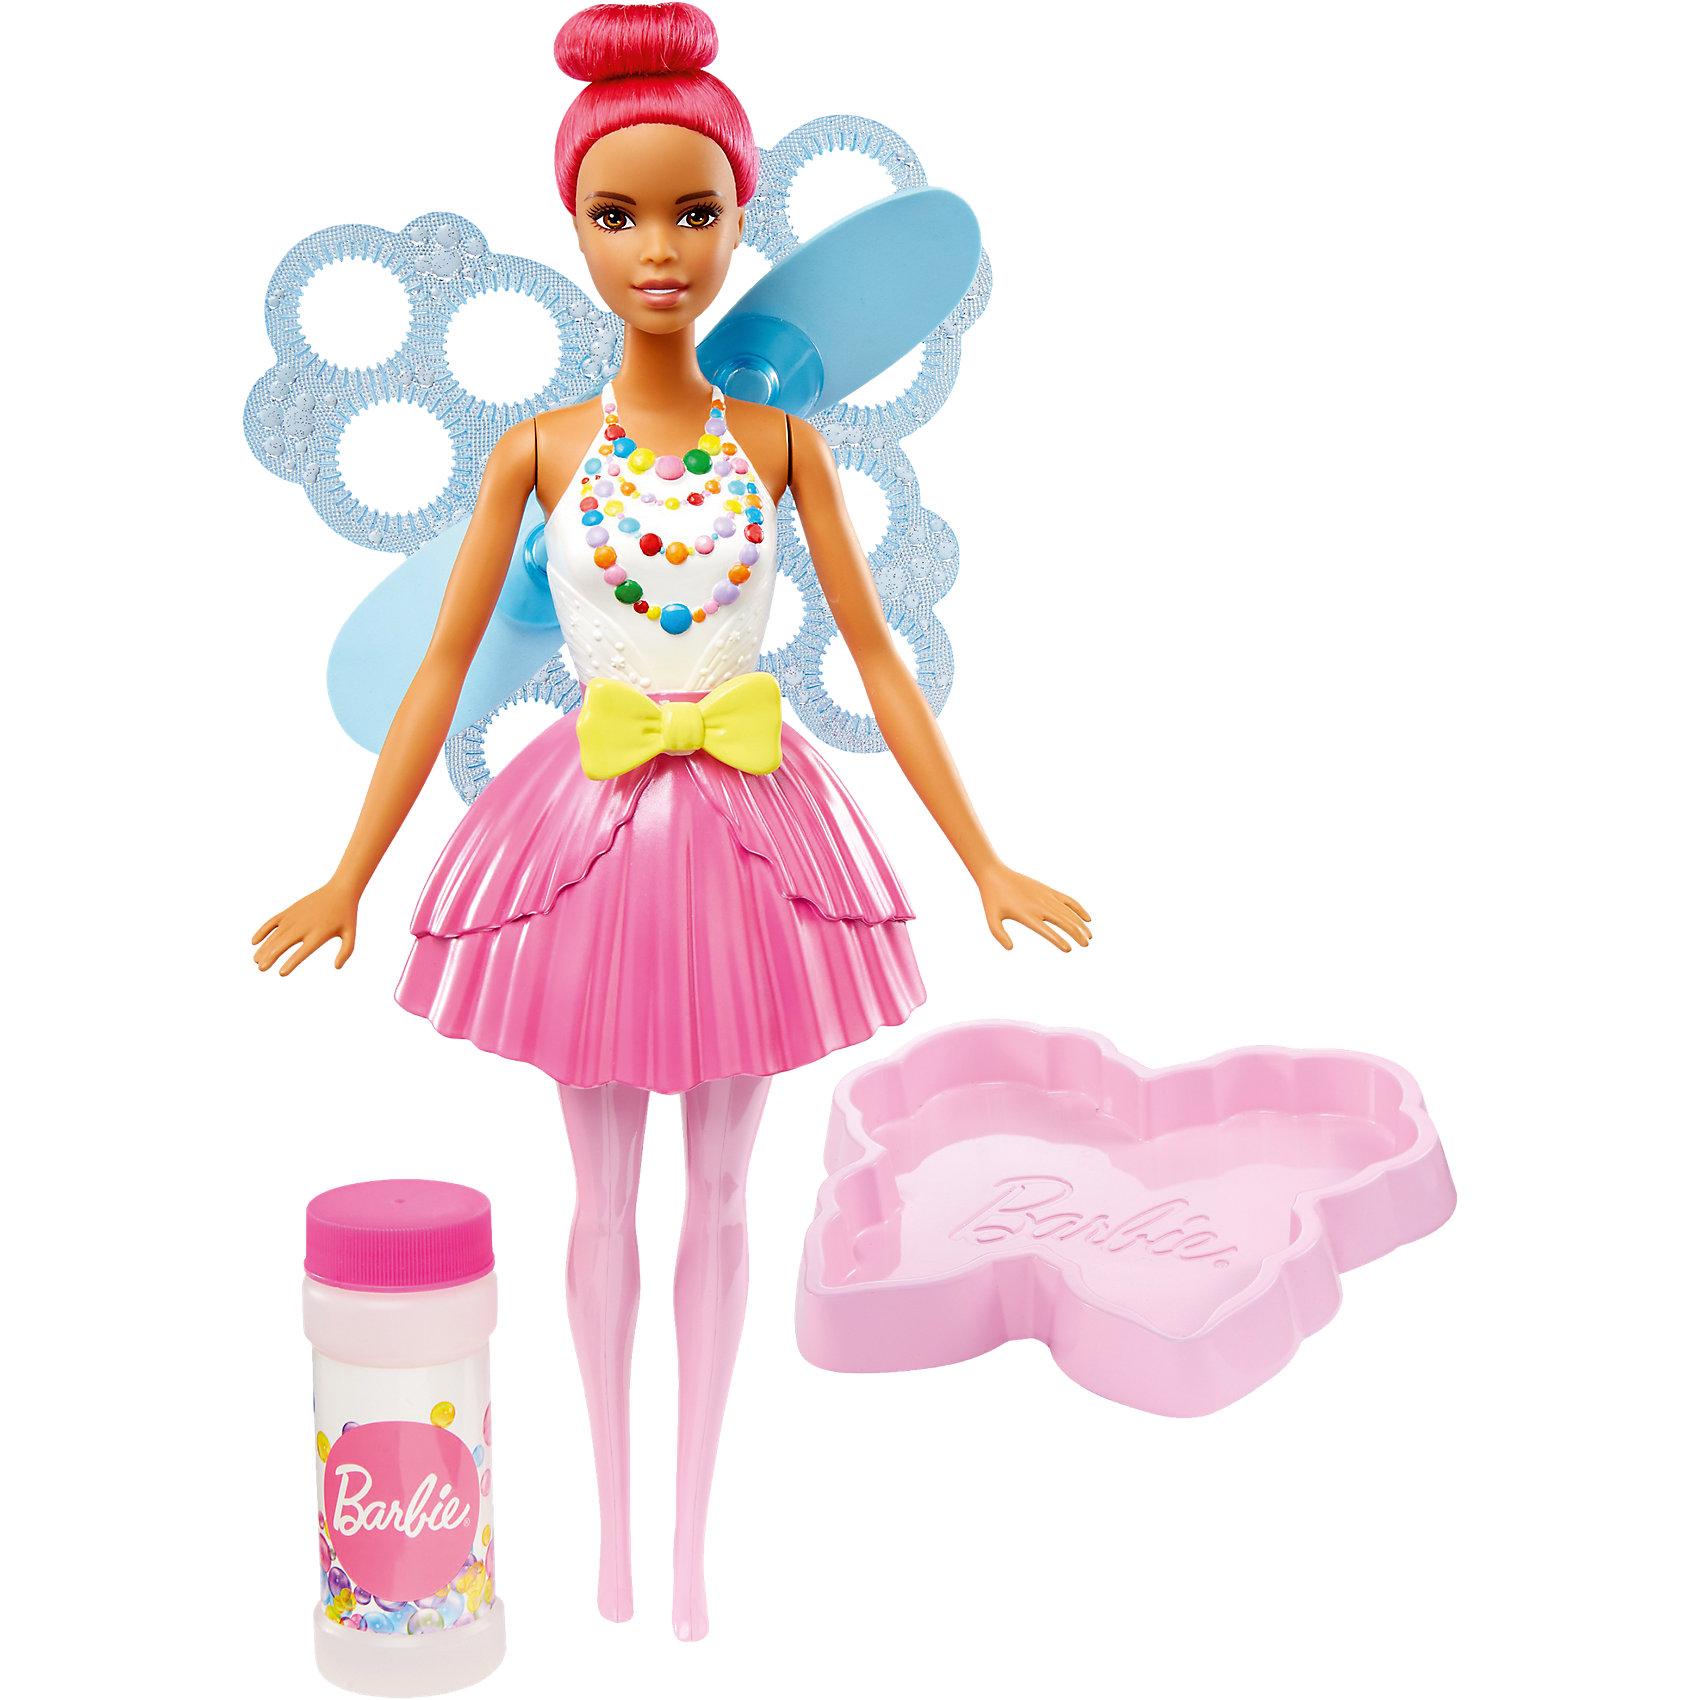 Фея с волшебными пузырьками, Barbie, 29 смПопулярные игрушки<br>Характеристики товара:<br><br>• комплектация: кукла, контейнер для жидкости, раствор для мыльных пузырей<br>• материал: пластик<br>• серия: Barbie™ Dreamtopia «Сладкое Королевство»<br>• высота куклы: 28 см<br>• возраст: от трех лет<br>• размер упаковки: 33х12х5 см<br>• вес: 0,3 кг<br>• страна бренда: США<br><br>Эта красивая кукла Барби порадует маленьких любительниц мыльных пузырей! Чтобы начать с ней играть, необходимо просто налить раствор из бутылочки, окунуть в него крылья куклы и потянуть за ленточку на её поясе - появятся волшебные пузыри! Барби из серии Сладкое Королевство станет великолепным подарком для девочек. Кукла одета в яркий наряд.<br><br>Куклы - это не только весело, они помогают девочкам развить вкус и чувство стиля, отработать сценарии поведения в обществе, развить воображение и мелкую моторику. Кукла от бренда Mattel не перестает быть популярной! <br><br>Куклу Фея с волшебными пузырьками от компании Mattel можно купить в нашем интернет-магазине.<br><br>Ширина мм: 325<br>Глубина мм: 230<br>Высота мм: 91<br>Вес г: 444<br>Возраст от месяцев: 36<br>Возраст до месяцев: 72<br>Пол: Женский<br>Возраст: Детский<br>SKU: 5262152